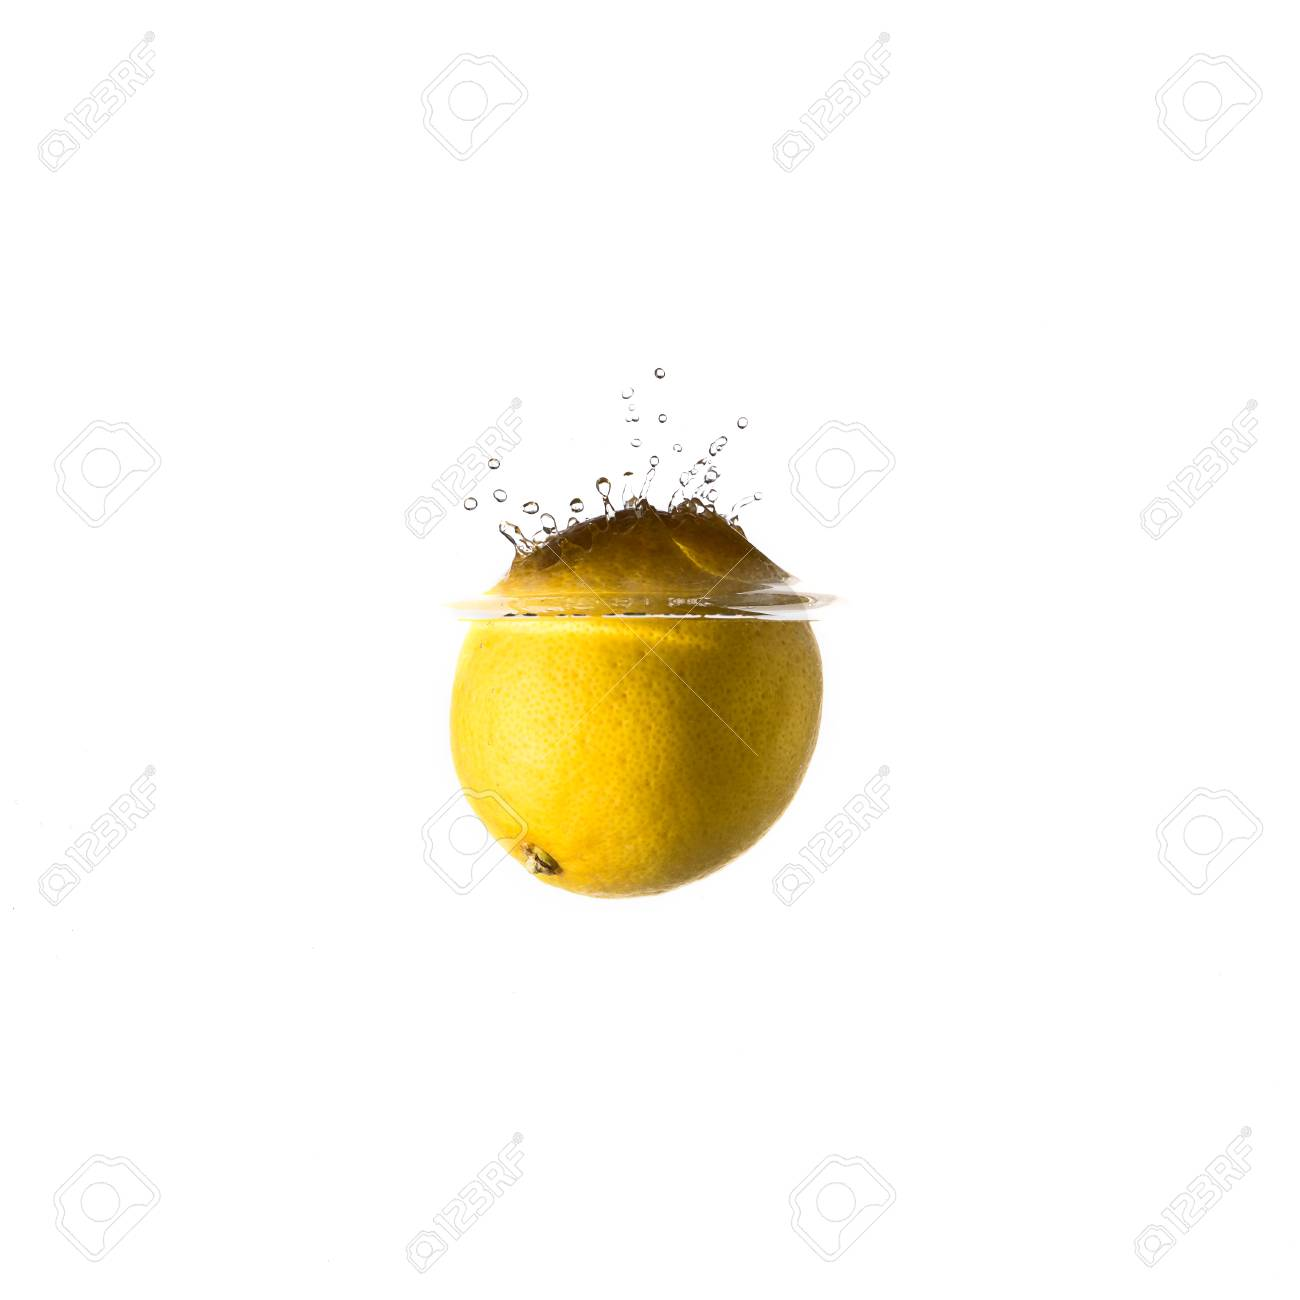 Lemon Splash Auf Dem Wasser, Isoliert Auf Weißem Hintergrund ...